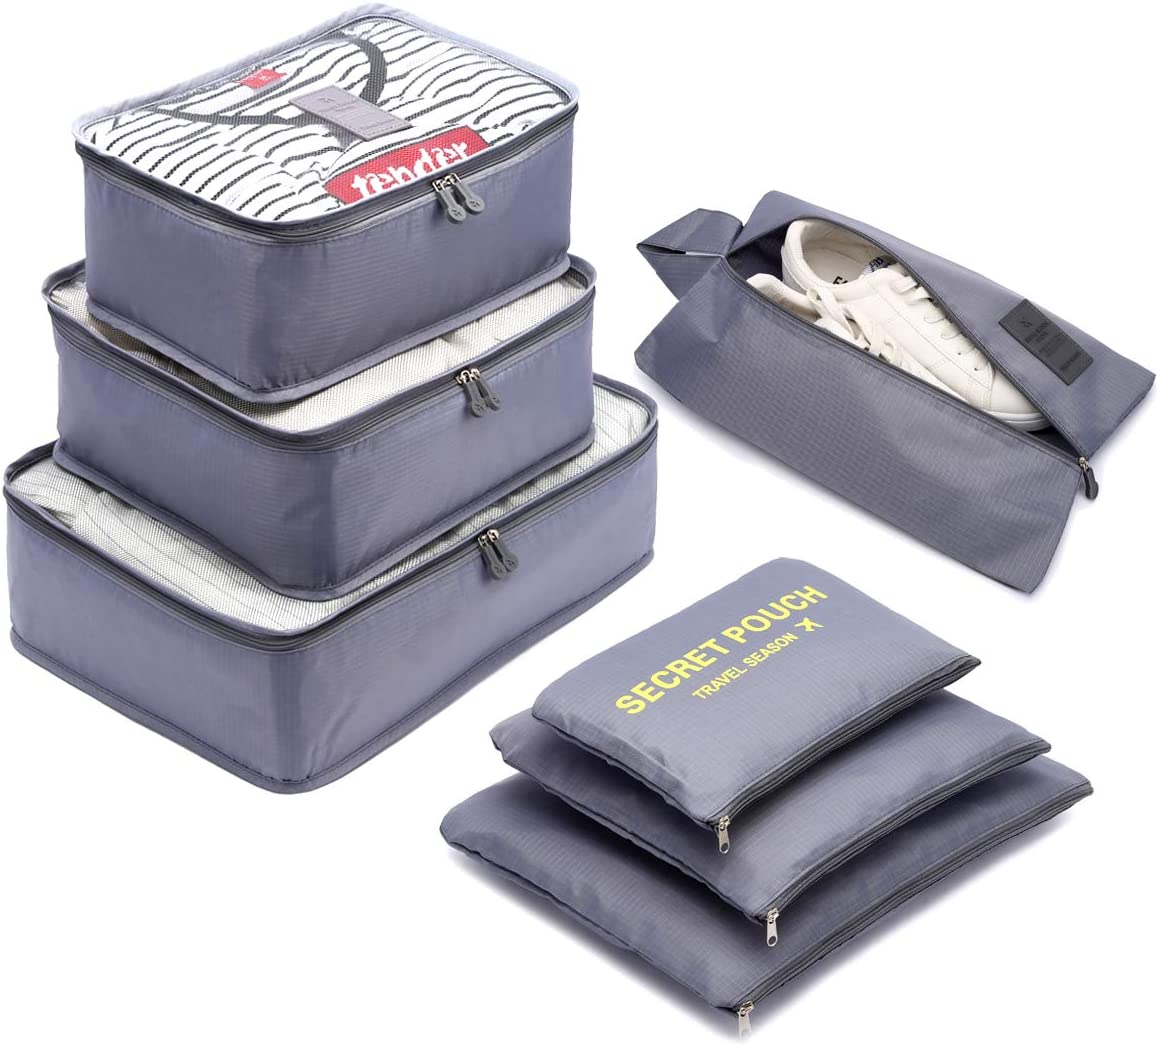 Organizador de Equipaje,LOSMILE 7 en 1 Set Impermeable Organizadores de Viaje para Maletas,3 Cubos de Embalaje +3 Bolsas de Almacenamiento+1 Saco de Zapatos.(Gris)